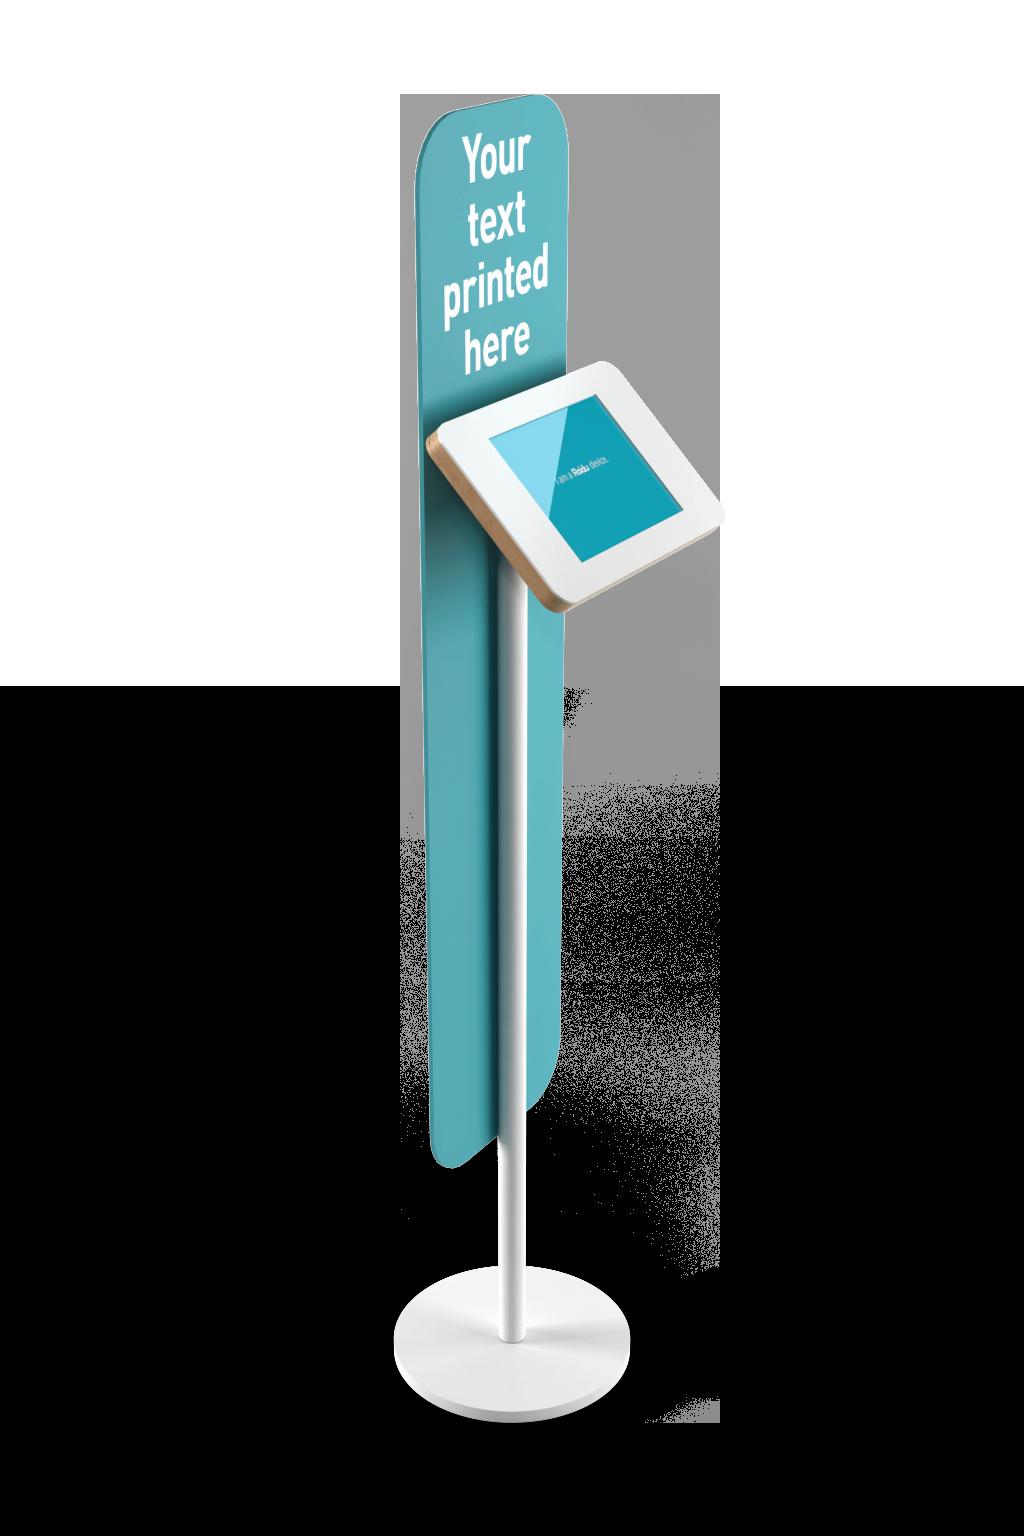 tablet-telinelaitteiden vuokraus, tablet-telineiden myynti, asiakaskokemus, customer experience